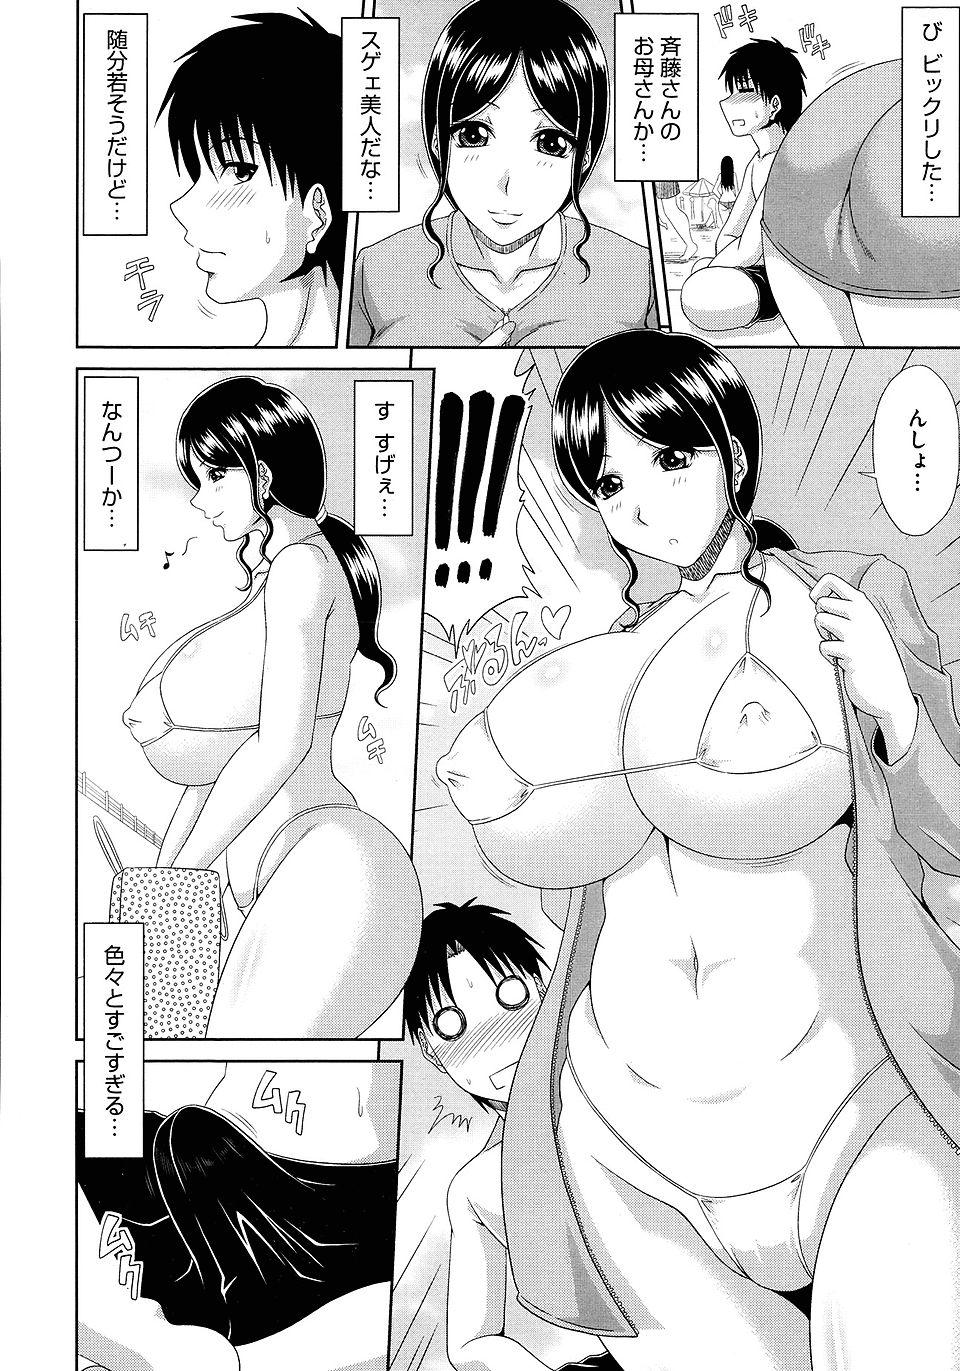 【エロ漫画・エロ同人誌】海水浴に来たら友達の巨乳母とエッチな関係になりますたwww (4)